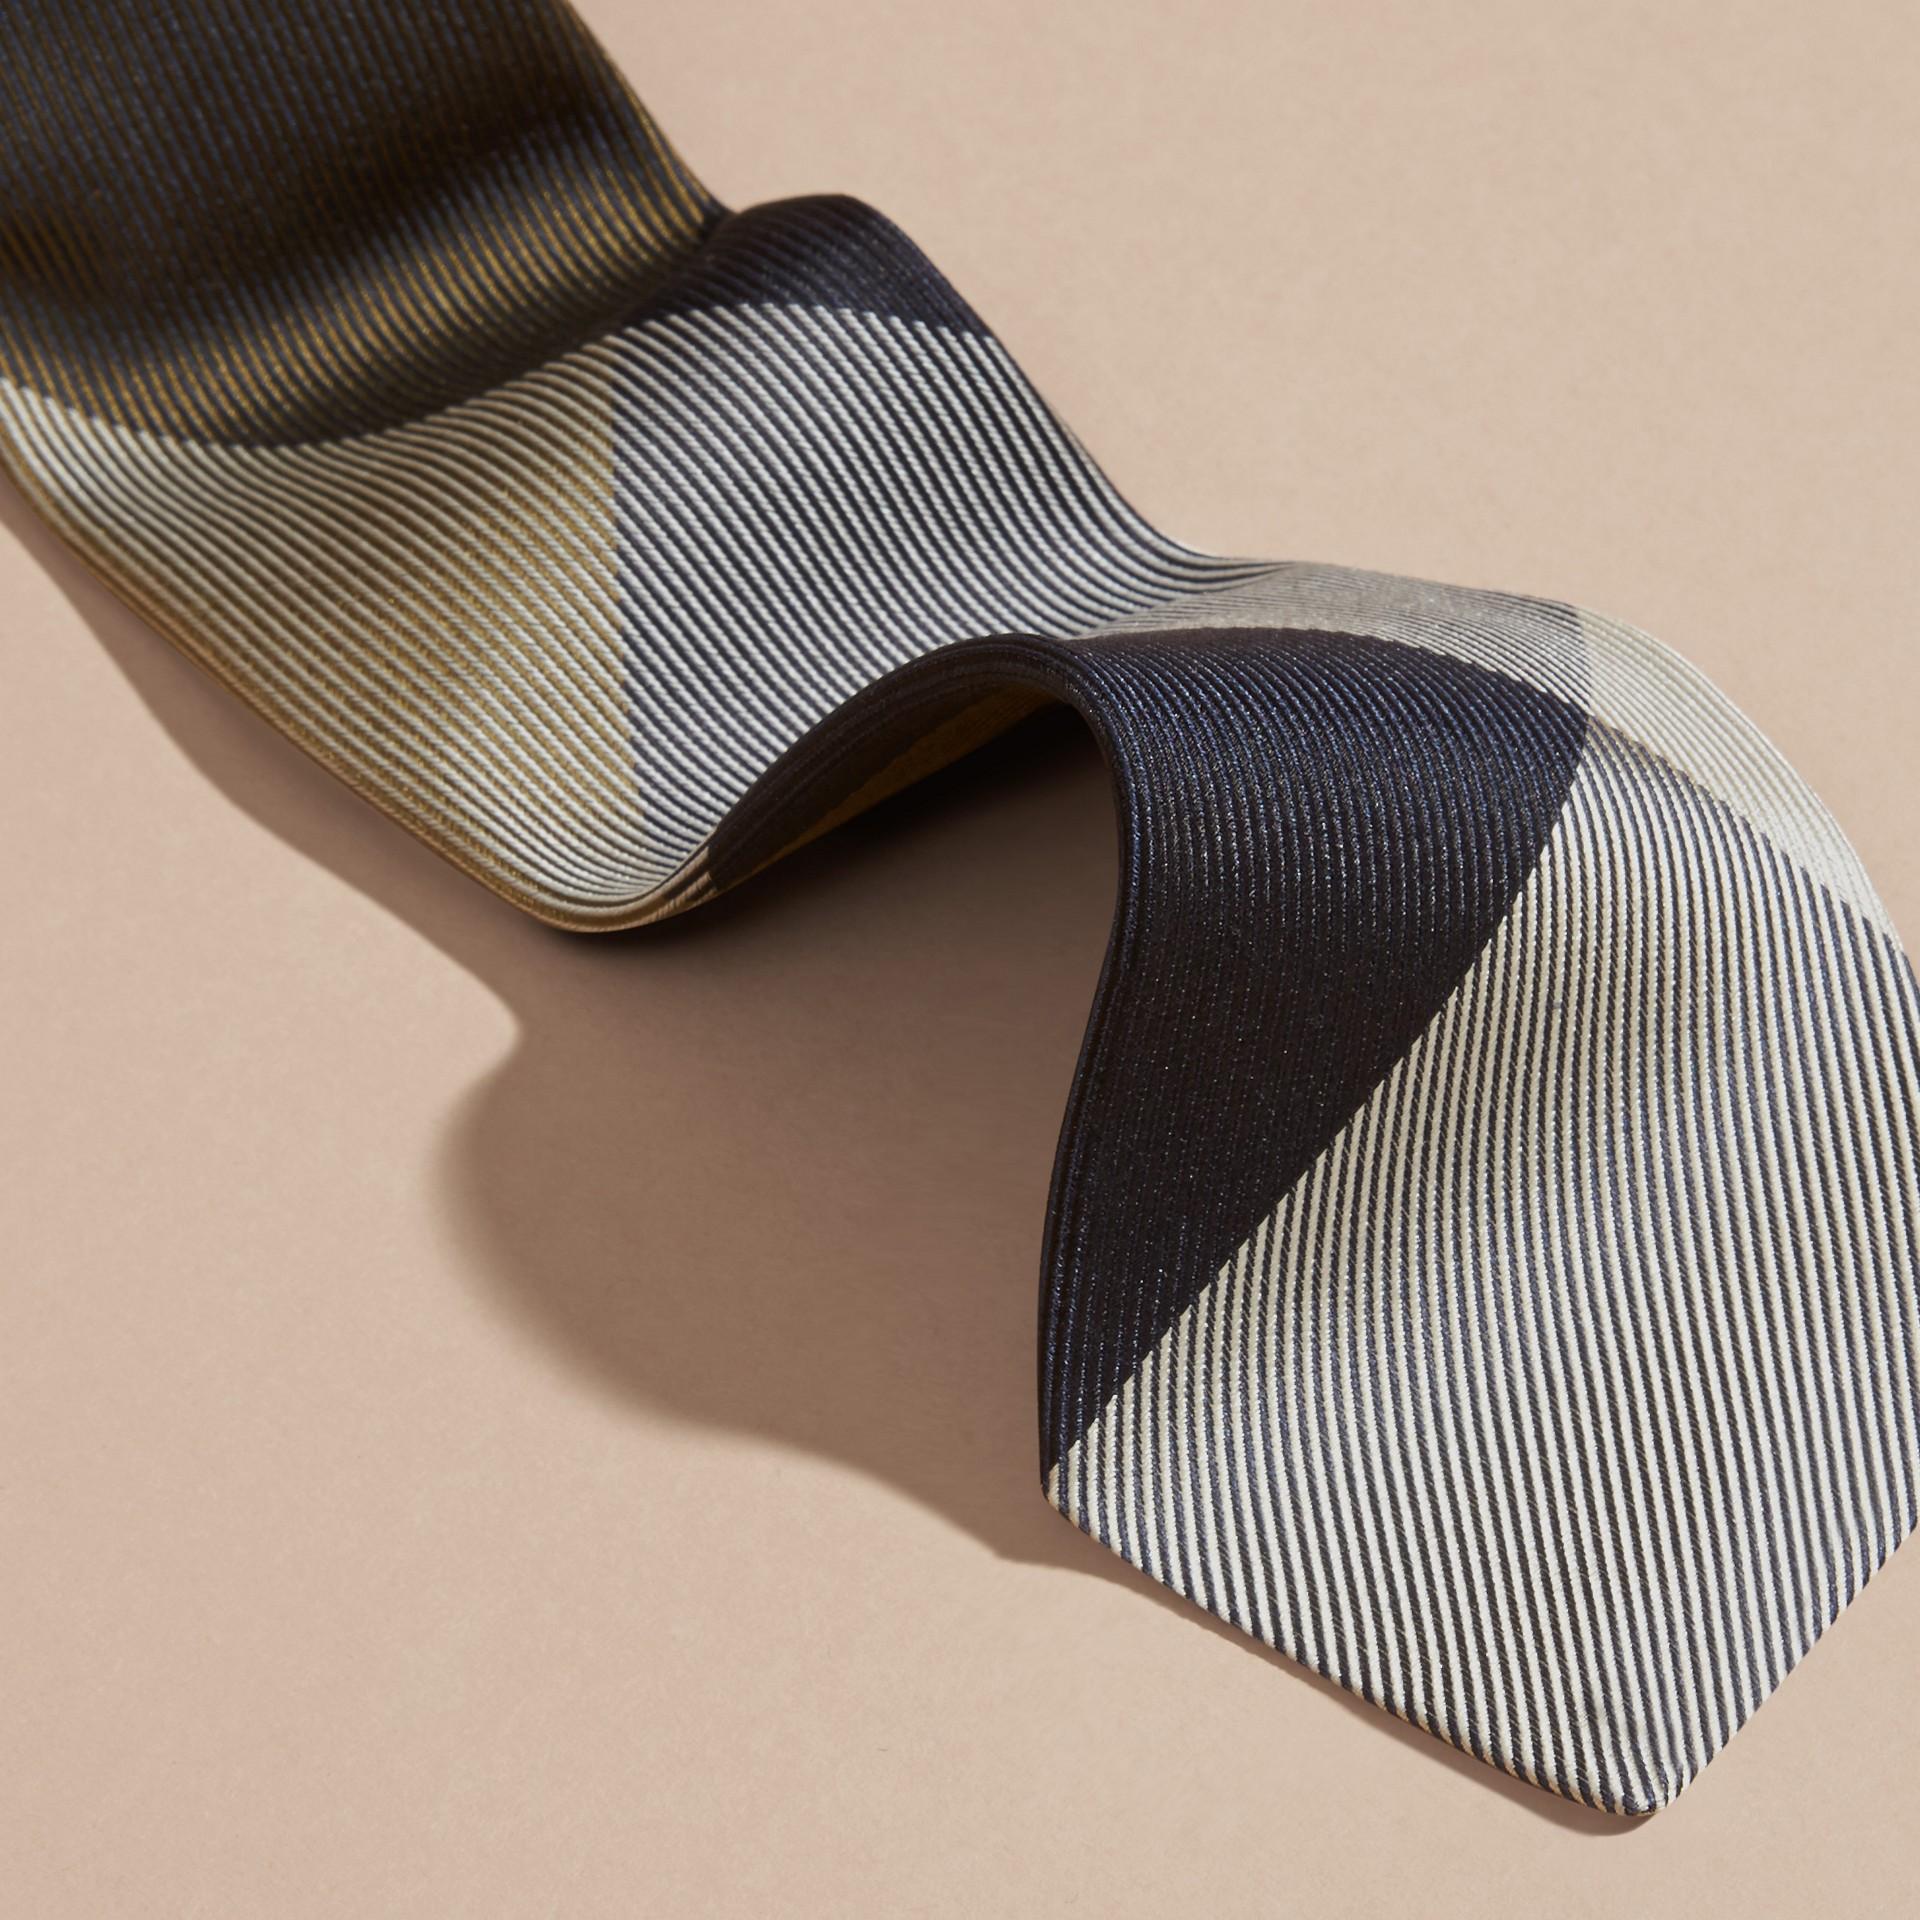 橄欖綠 現代剪裁格紋提花絲質領帶 橄欖綠 - 圖庫照片 2